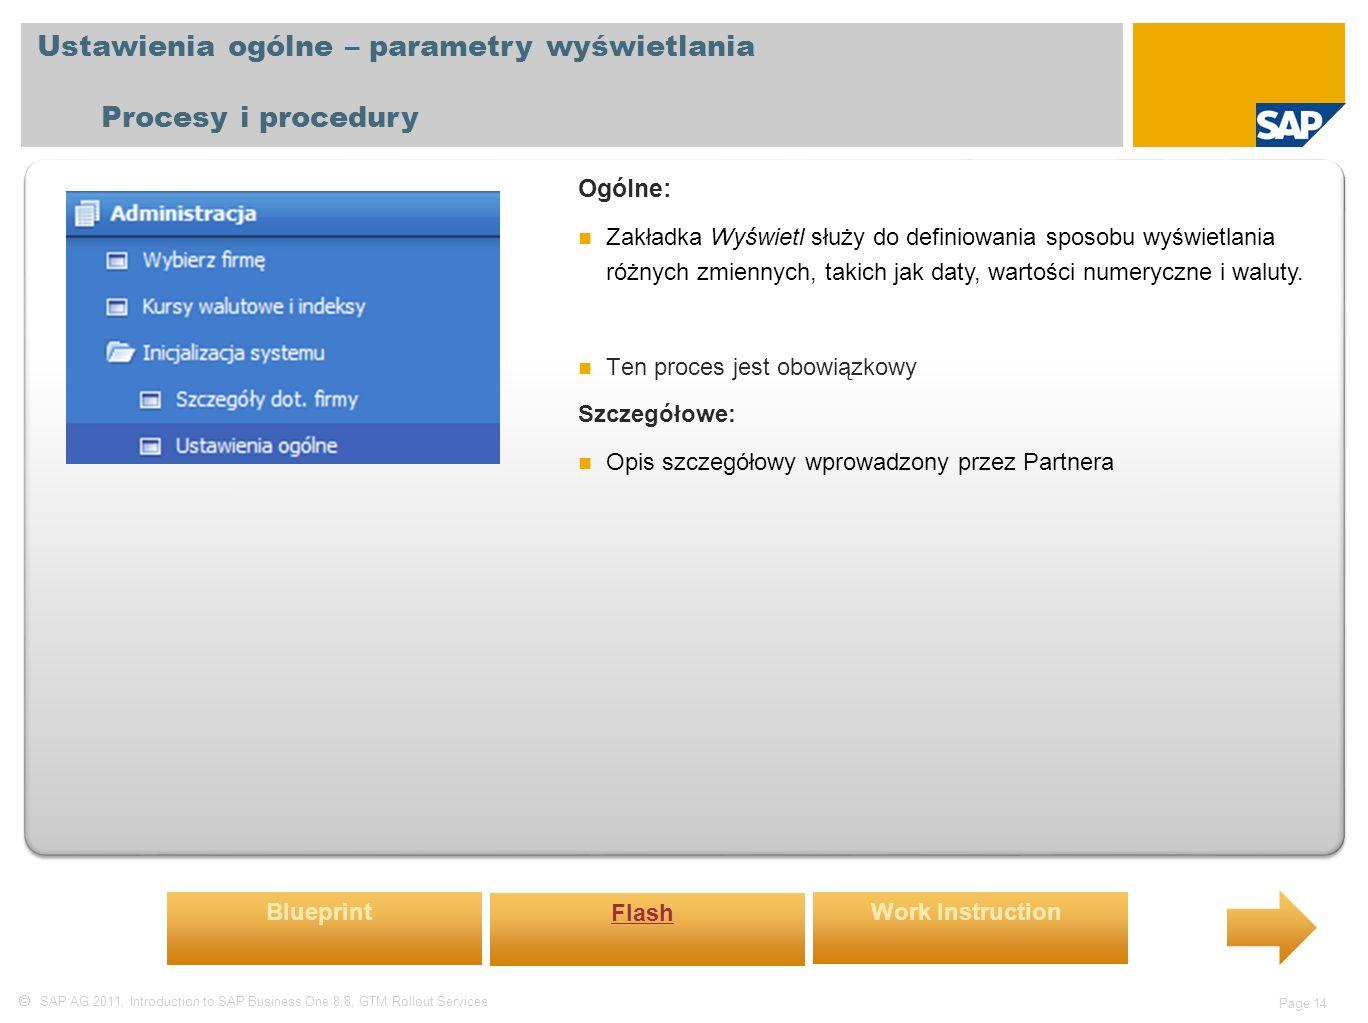  SAP AG 2011, Introduction to SAP Business One 8.8, GTM Rollout Services Page 14 Ustawienia ogólne – parametry wyświetlania Procesy i procedury Ogólne: Zakładka Wyświetl służy do definiowania sposobu wyświetlania różnych zmiennych, takich jak daty, wartości numeryczne i waluty.